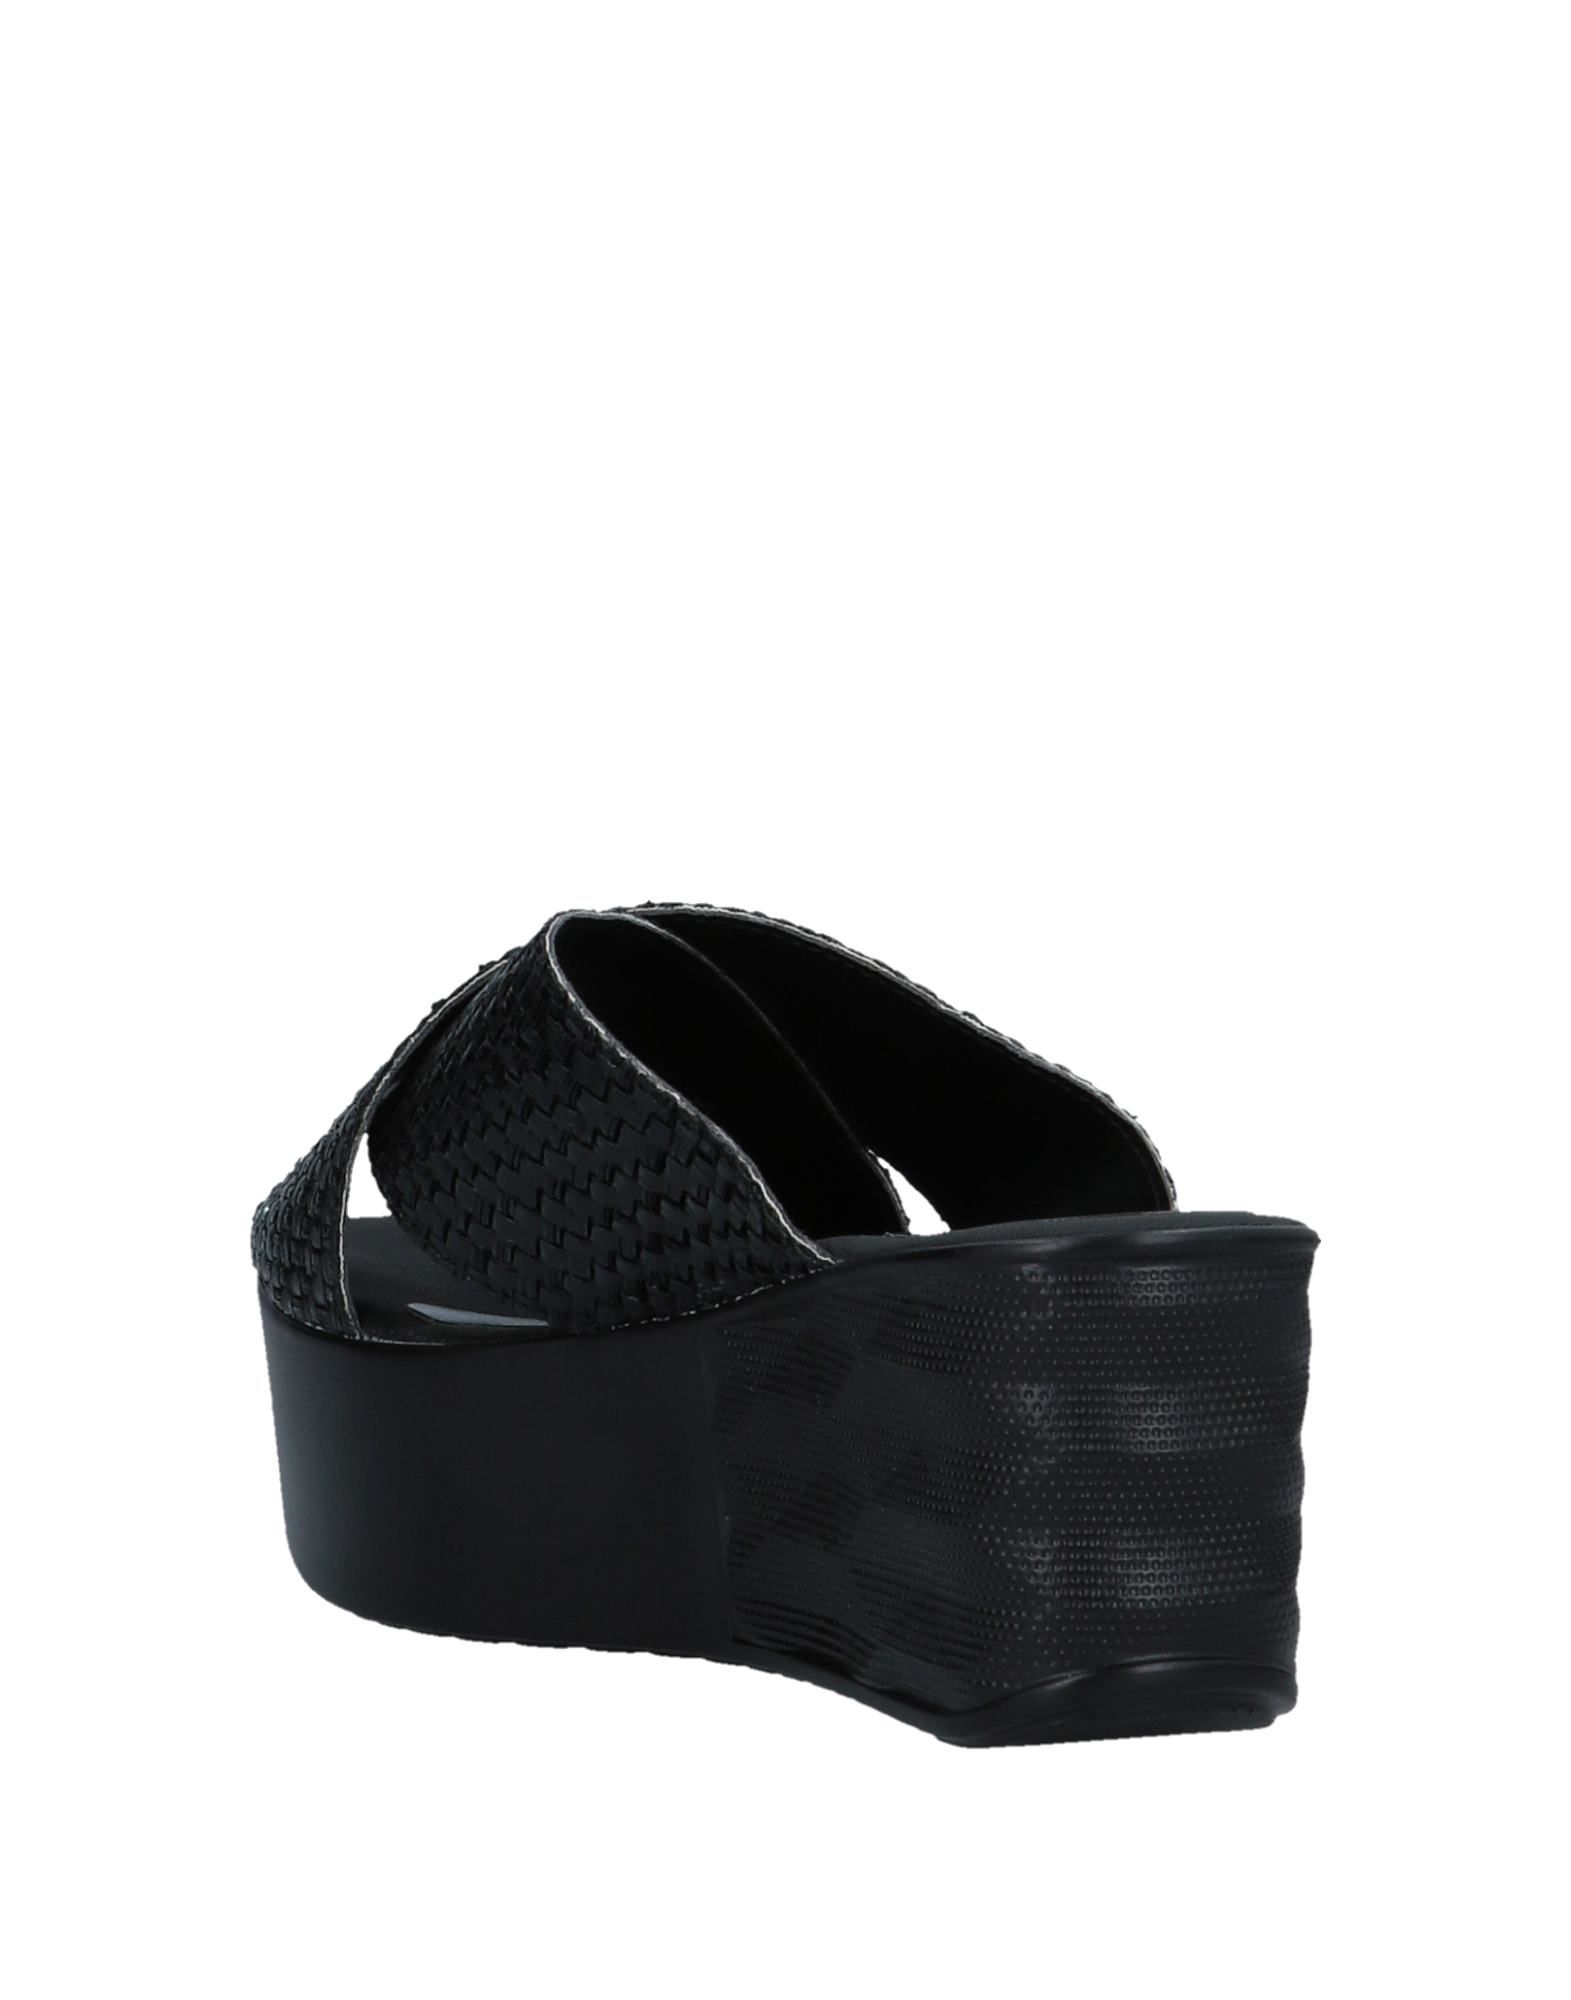 Sara Sandalen Damen Schuhe  11536411GV Gute Qualität beliebte Schuhe Damen be4de8